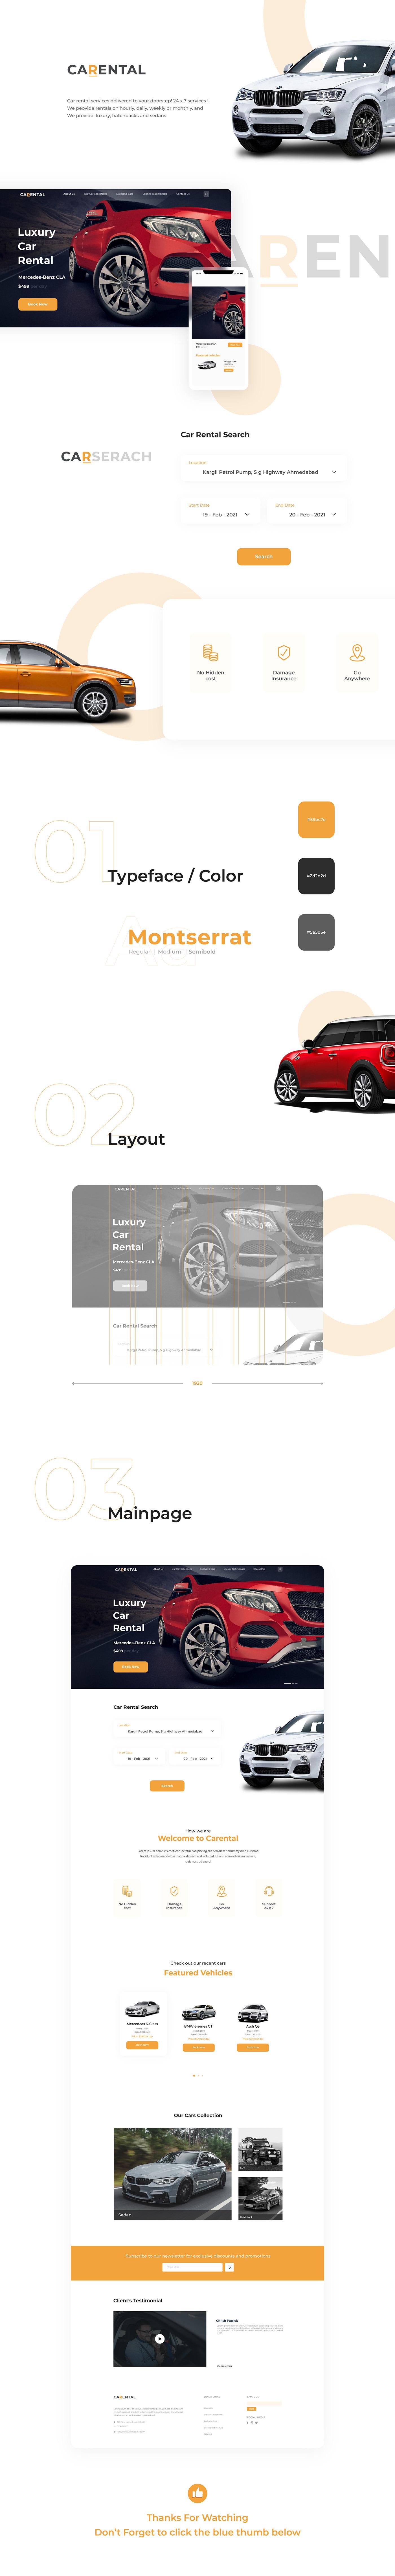 Car rental design landing page UI ux Website car concept cretive rental